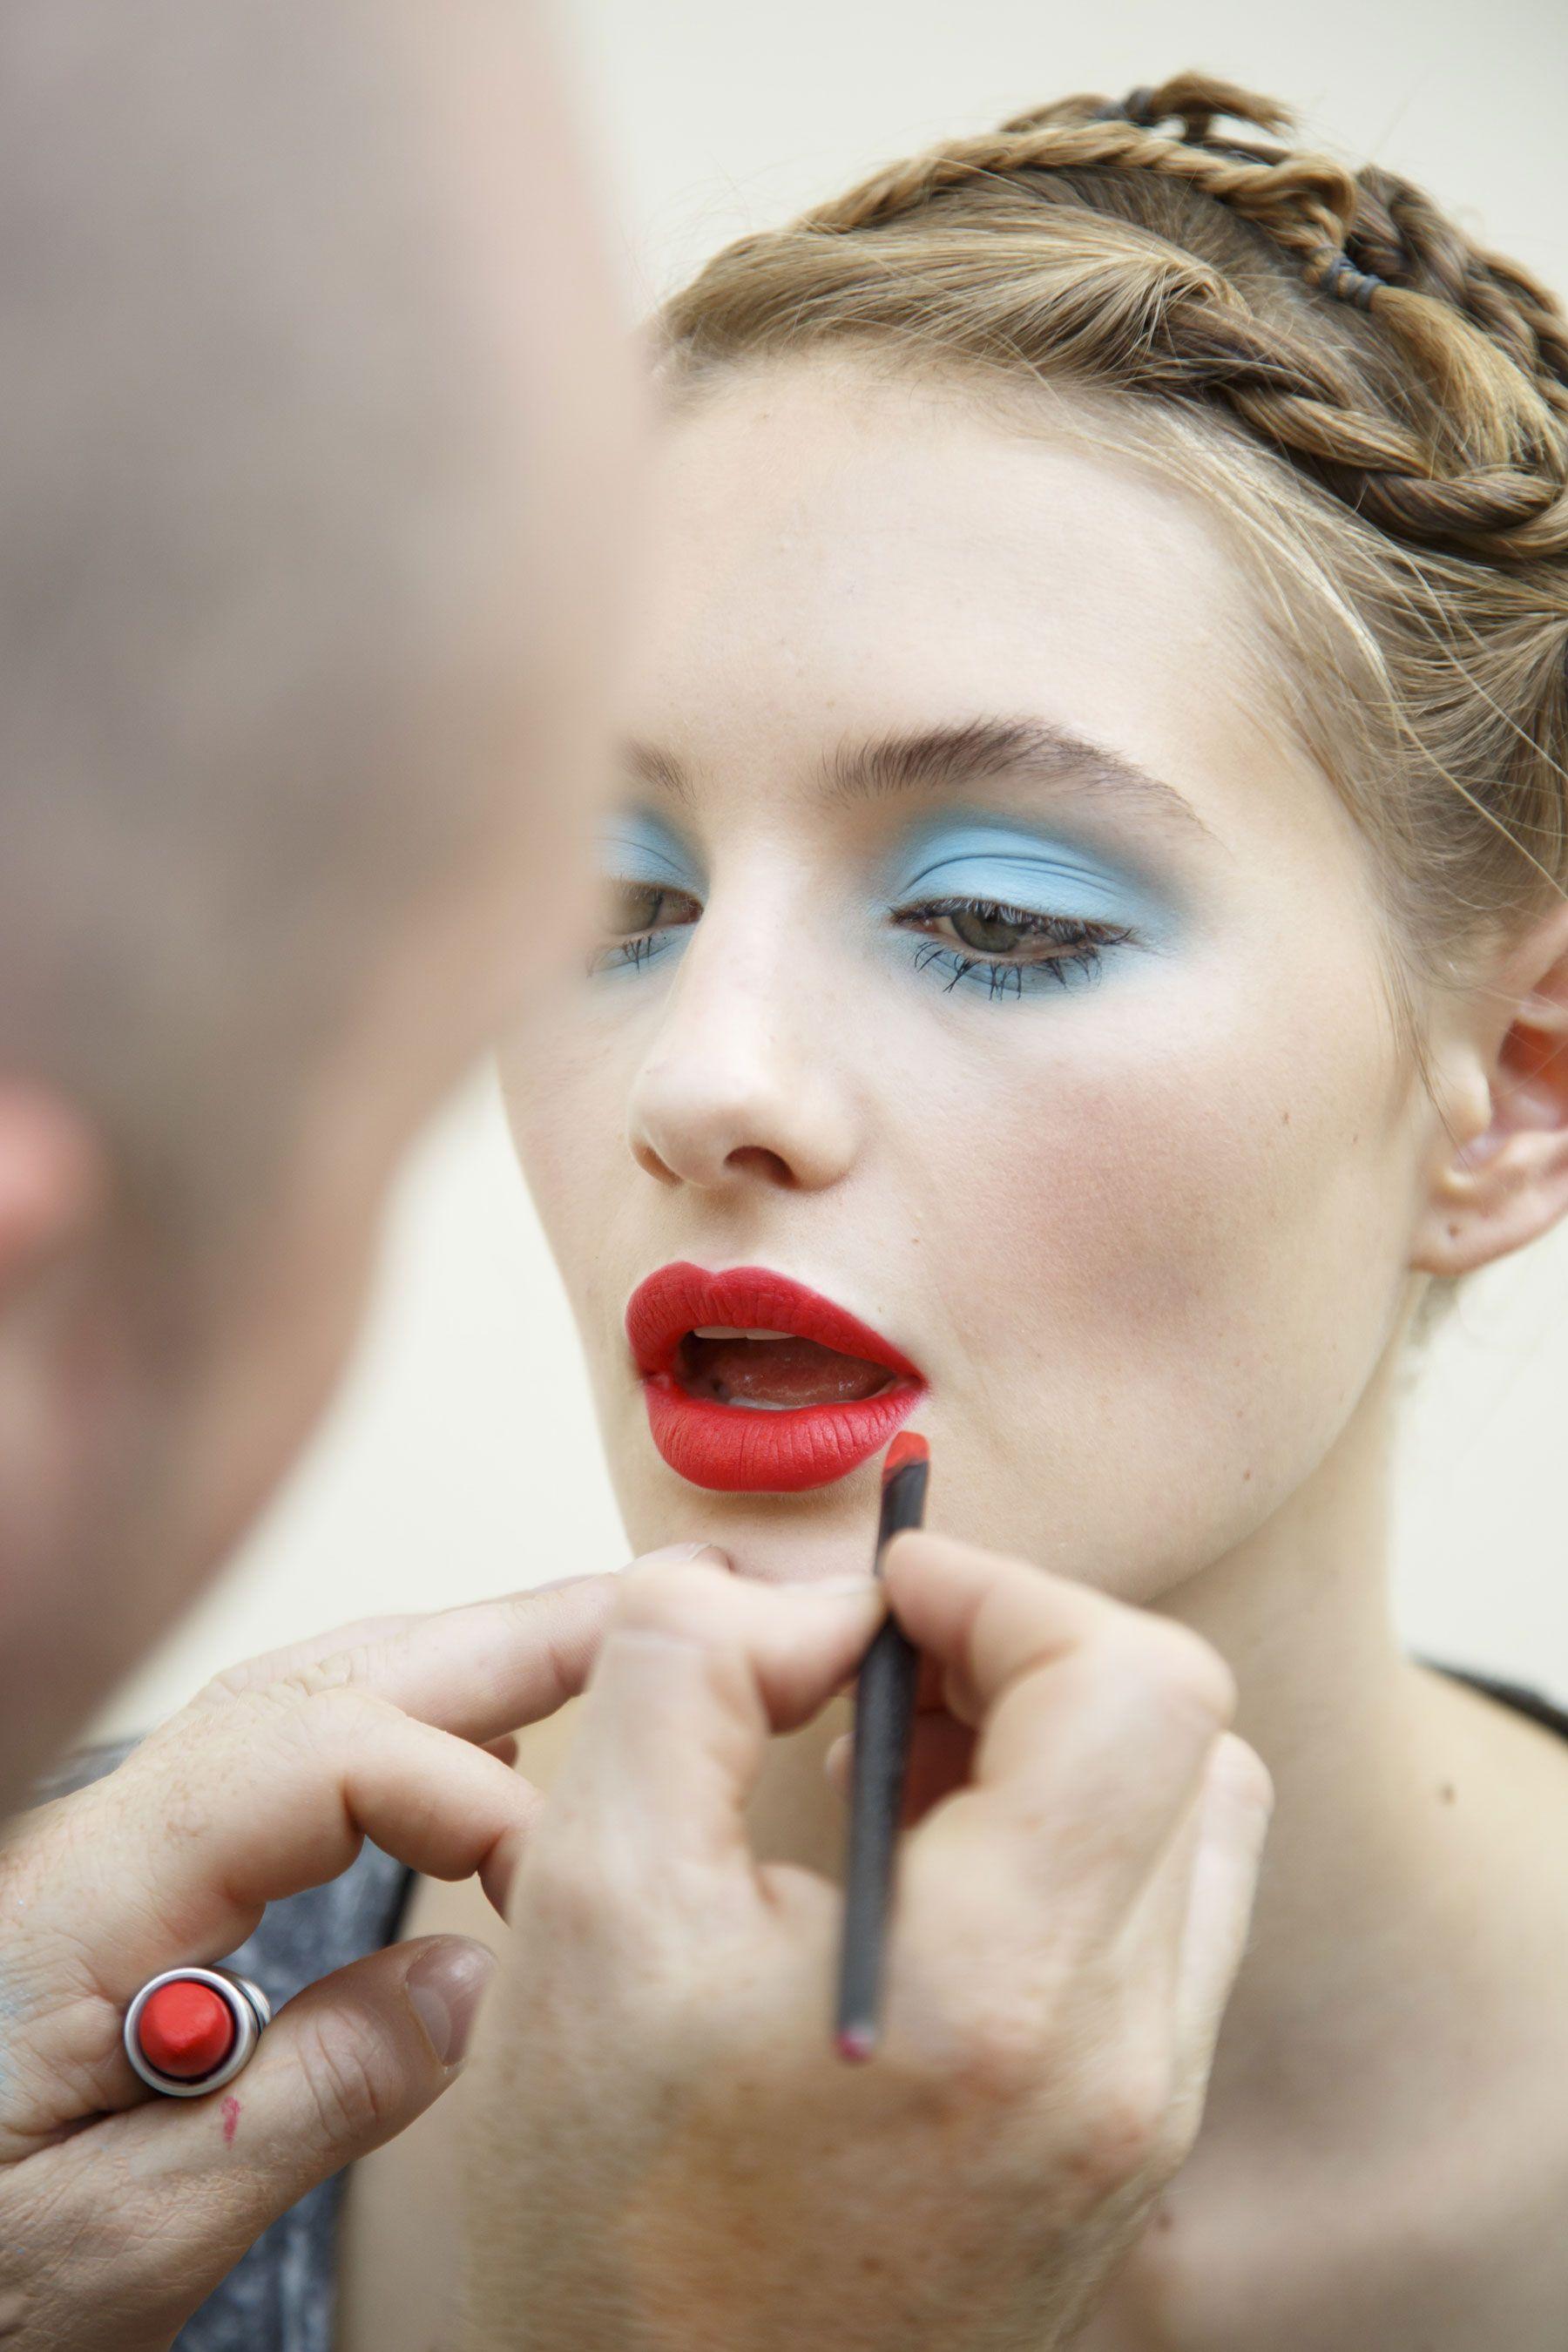 Emanuel Ungaro Spring 2015 RTW Paris El Arte Del Maquillaje f79ab5436f65